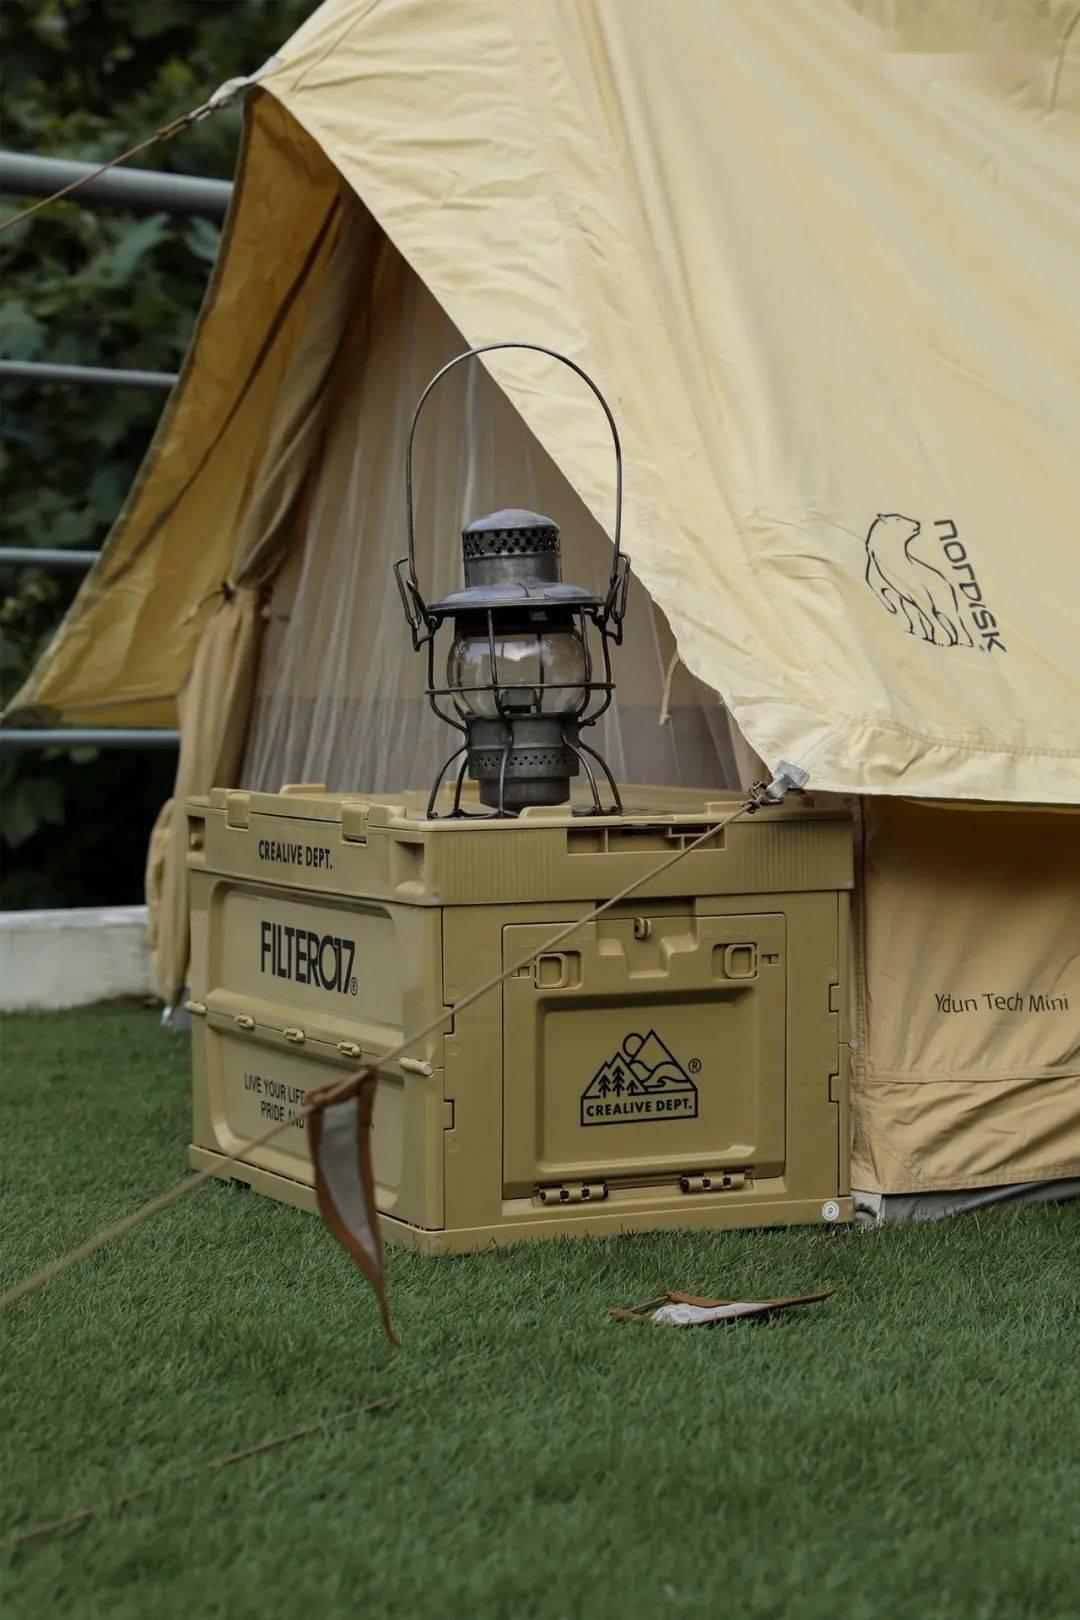 就近露营,在 NOWRE 公司楼顶扎营是什么体验?